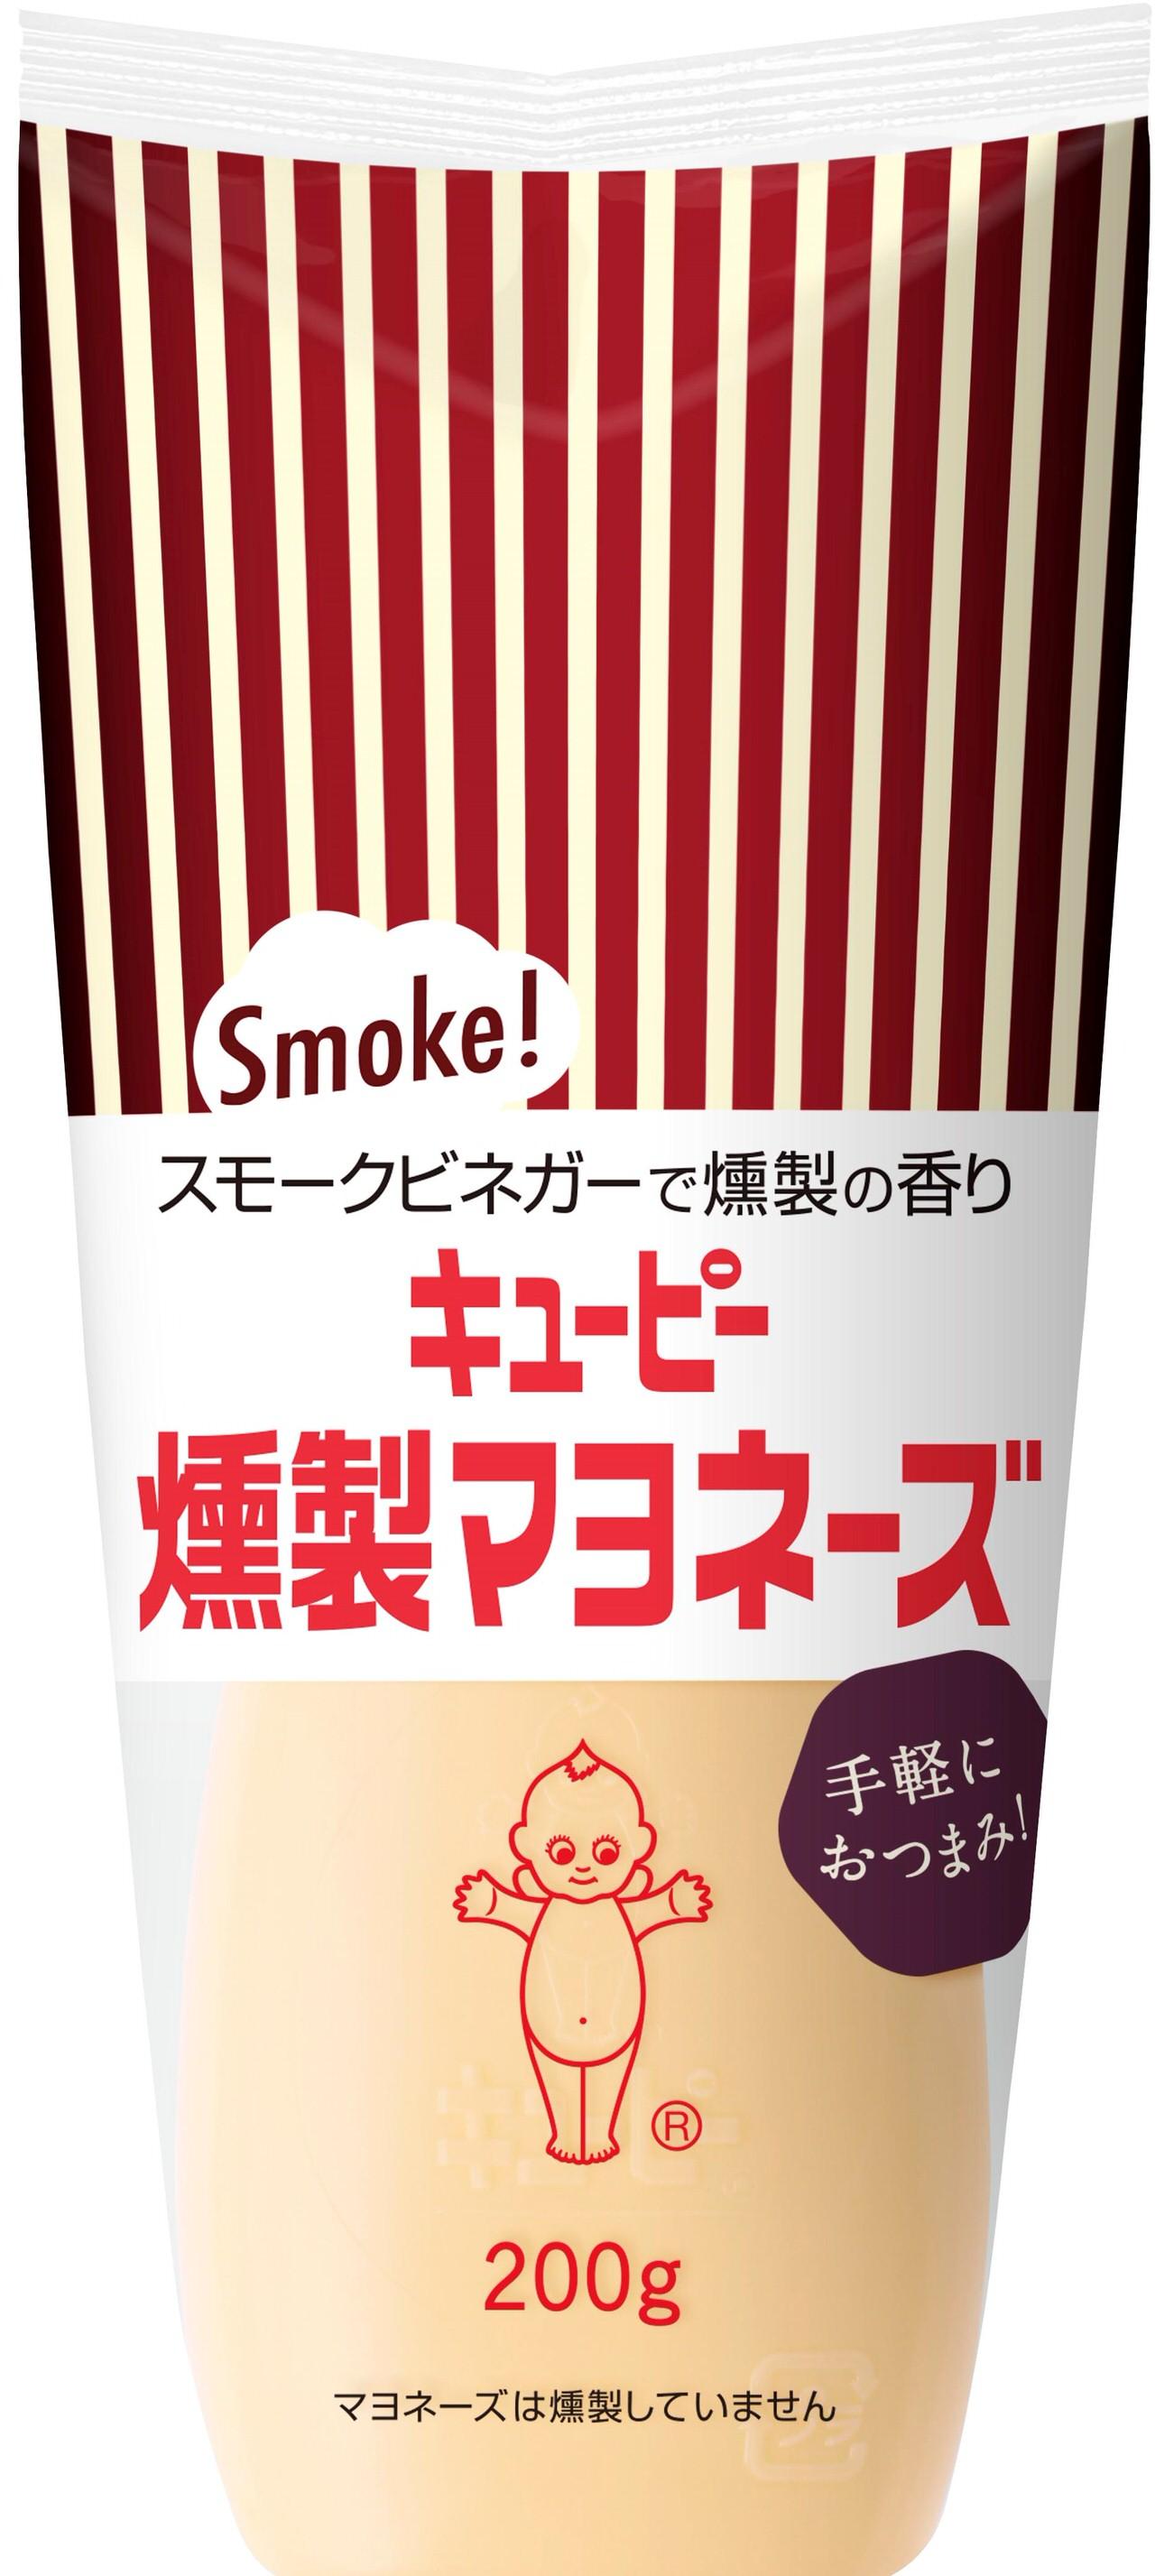 燻製香のマヨネーズでポテサラ!?手軽にワンランク上のおつまみが作れる「キユーピー 燻製マヨネーズ」2月10日発売